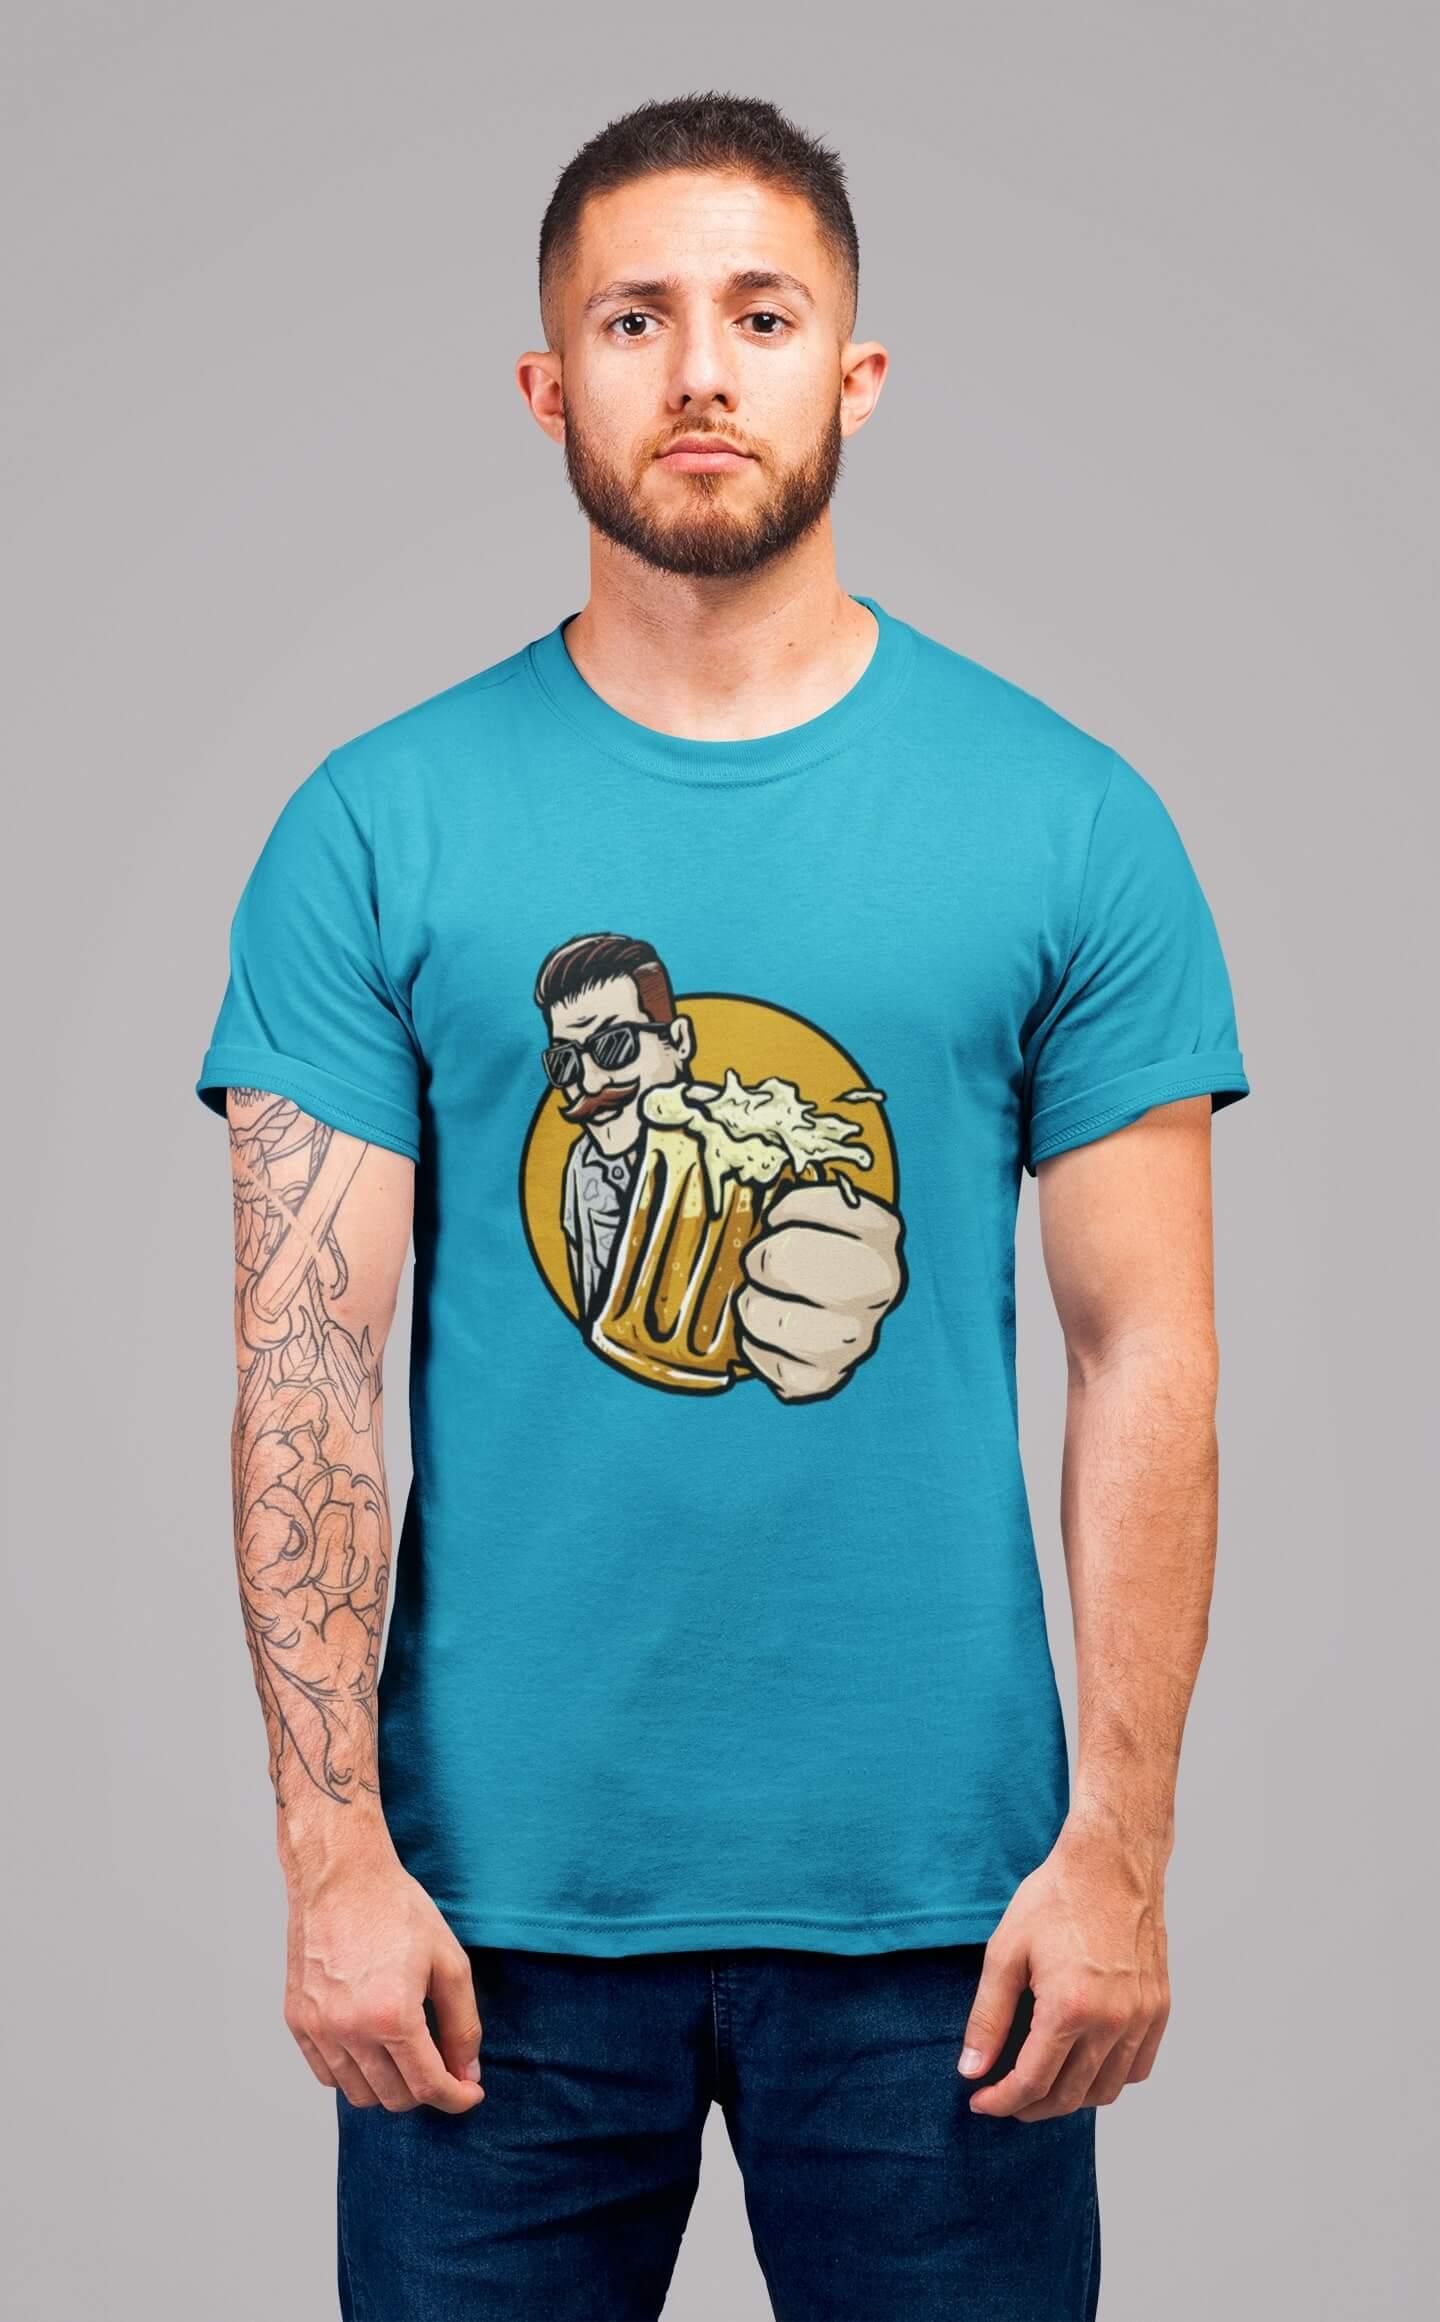 MMO Pánske tričko Chlap s pivom v ruke Vyberte farbu: Tyrkysová, Vyberte veľkosť: L